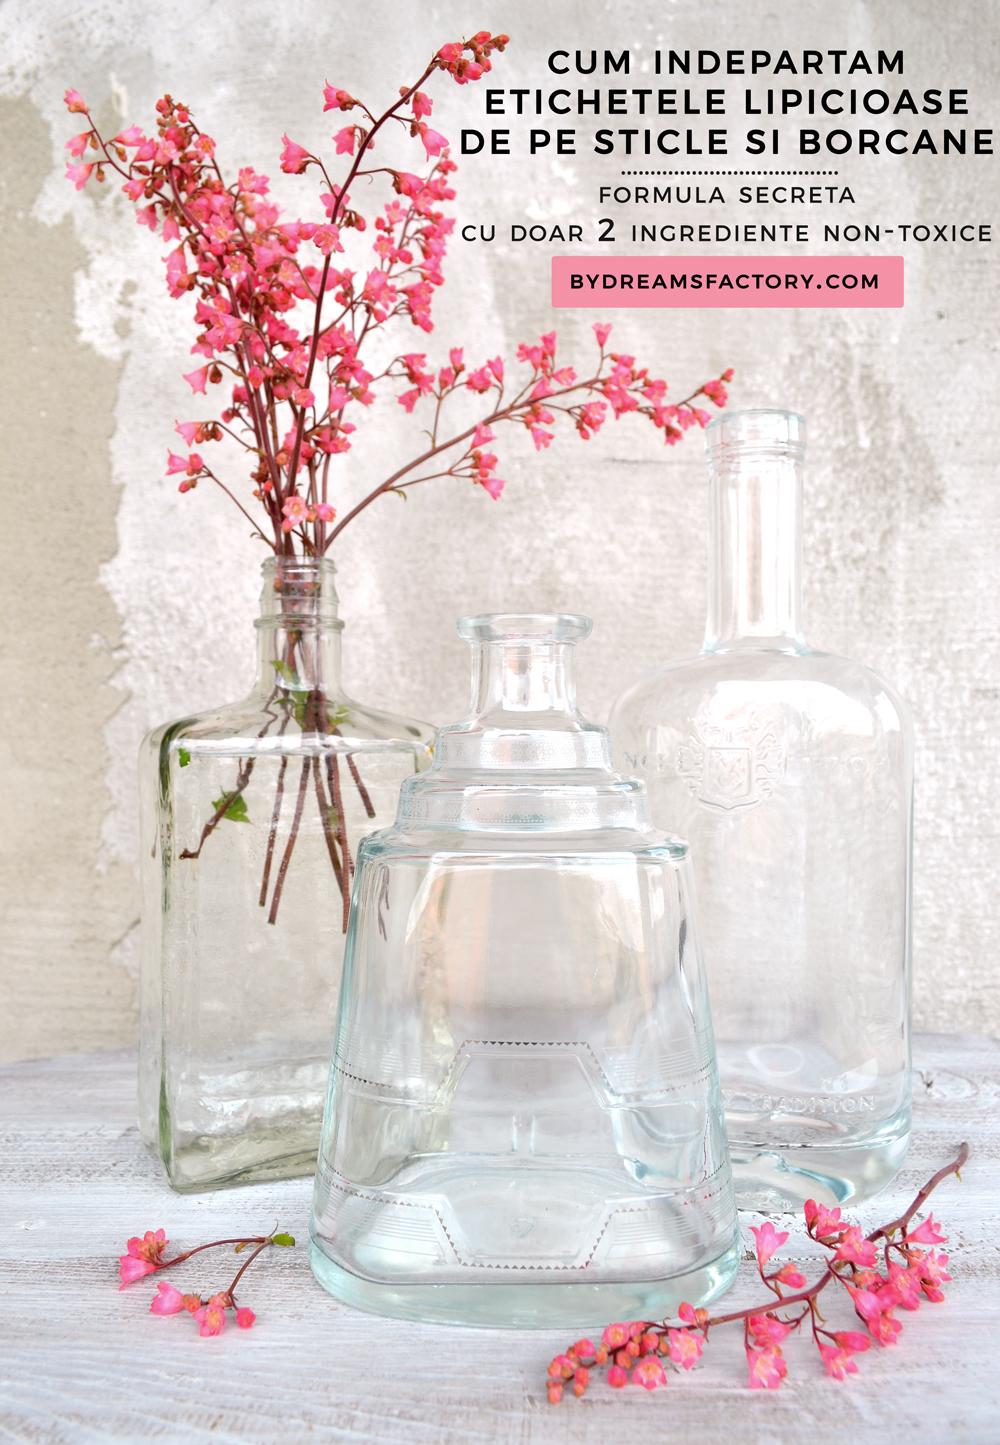 Cum indepartam etichetele lipicioase de pe sticle si borcane, folosind doar 2 ingrediente non-toxice pe care le aveti deja in bucatarie!